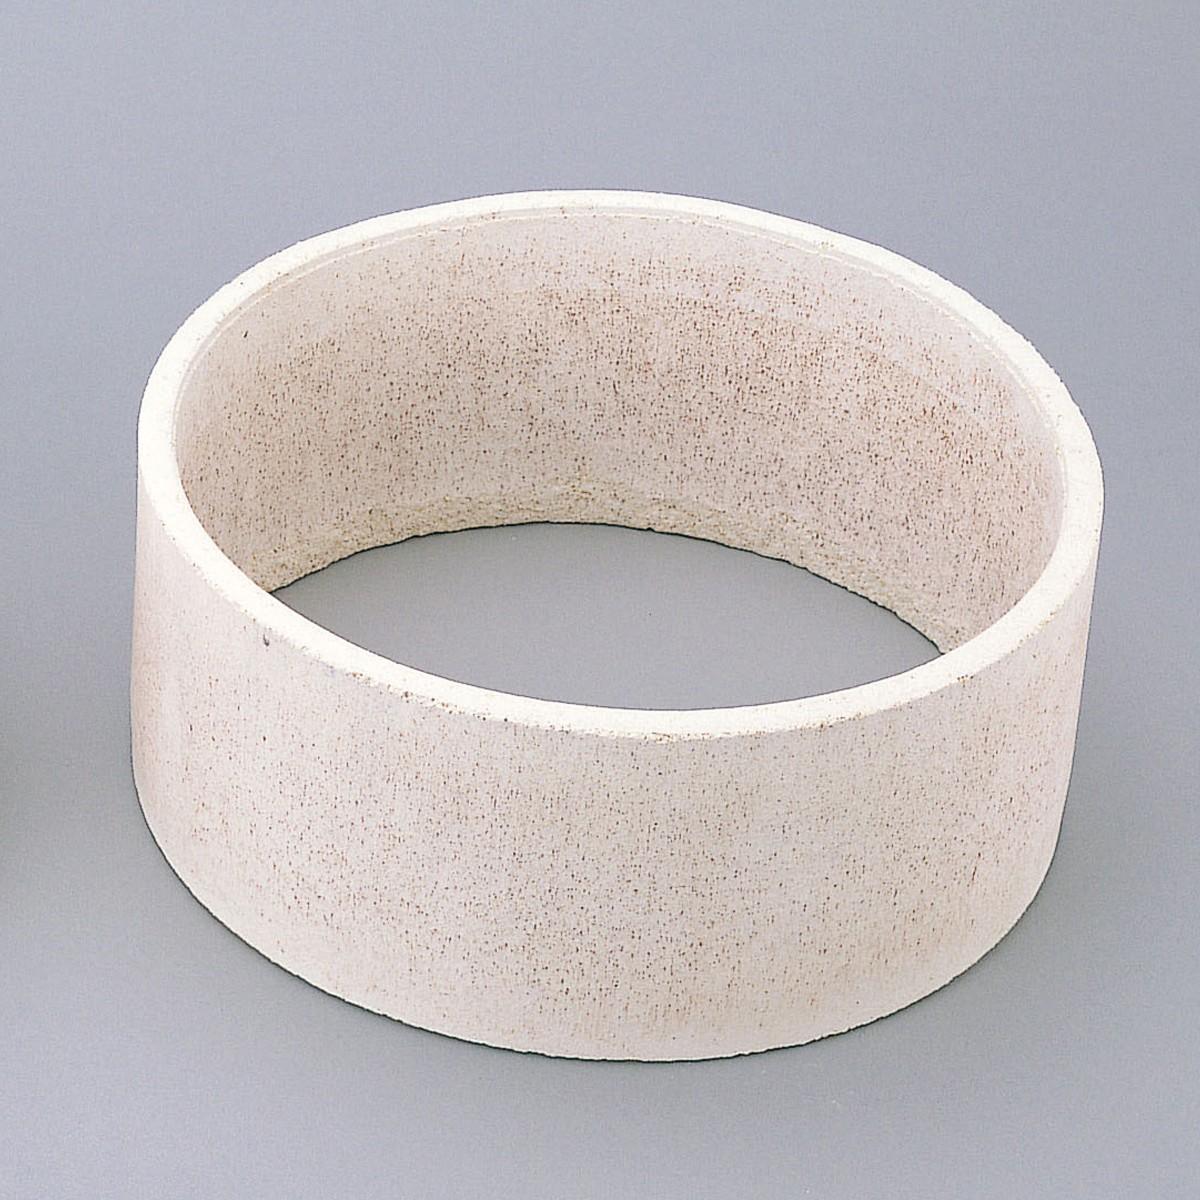 サヤ鉢 丸 2個組 底なし 350mmφ 【 陶芸 陶芸窯 さや 】